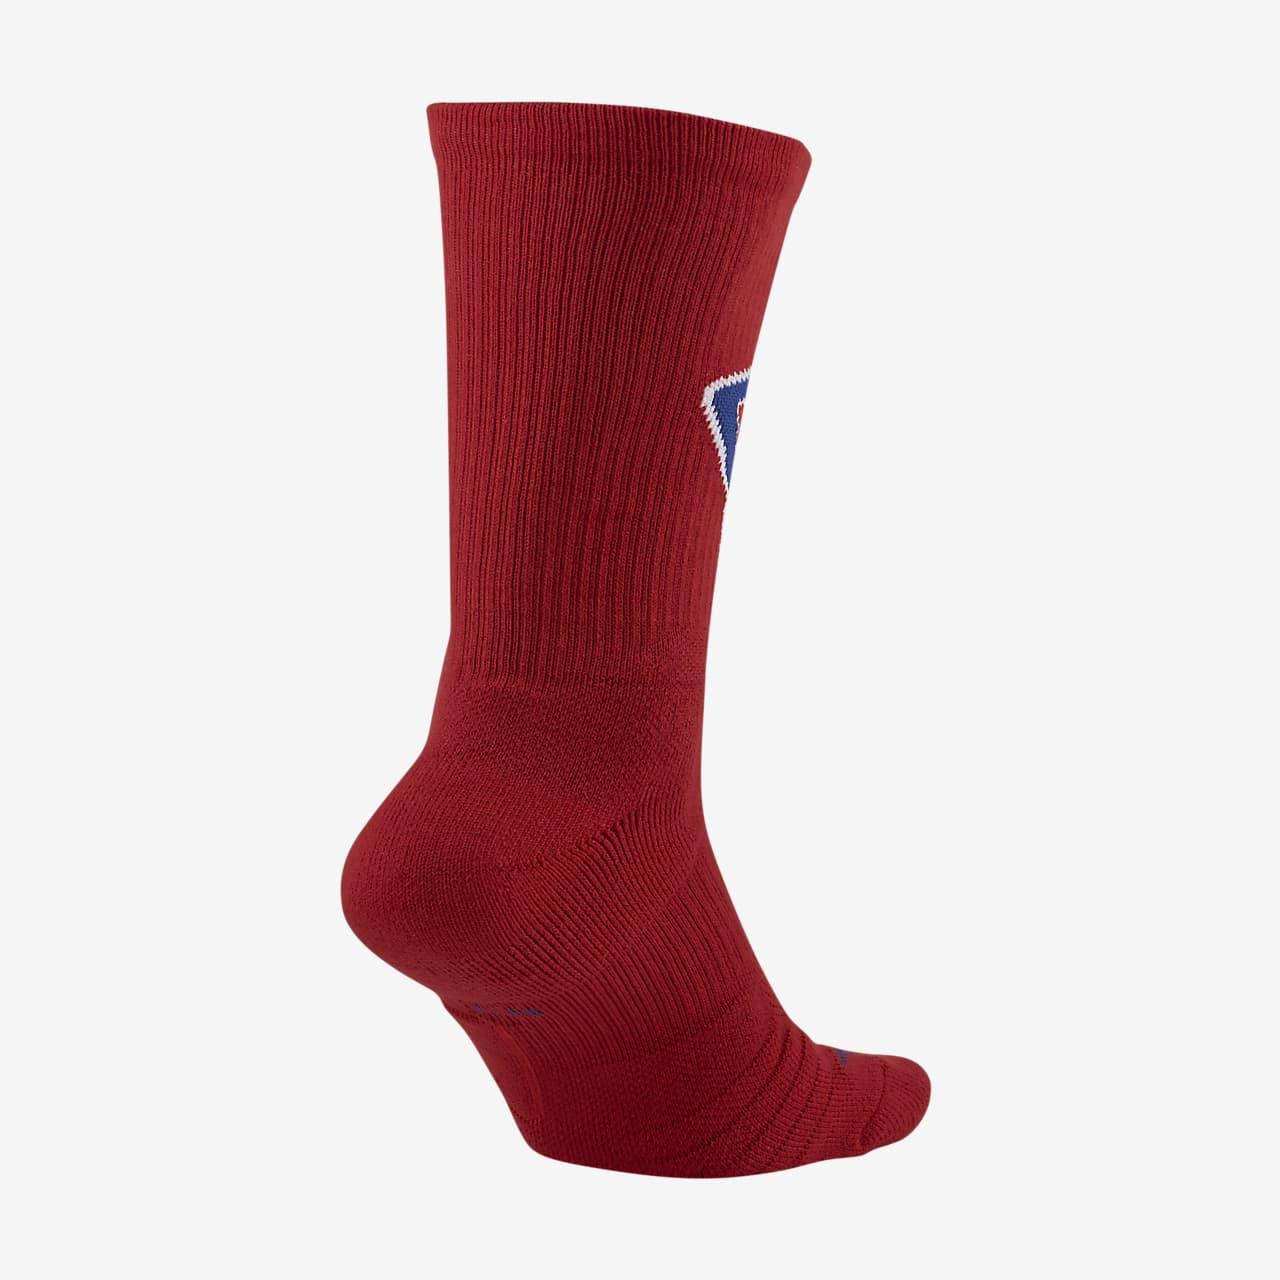 Los Angeles Clippers Elite Nike NBA Crew Socks SK0170-657